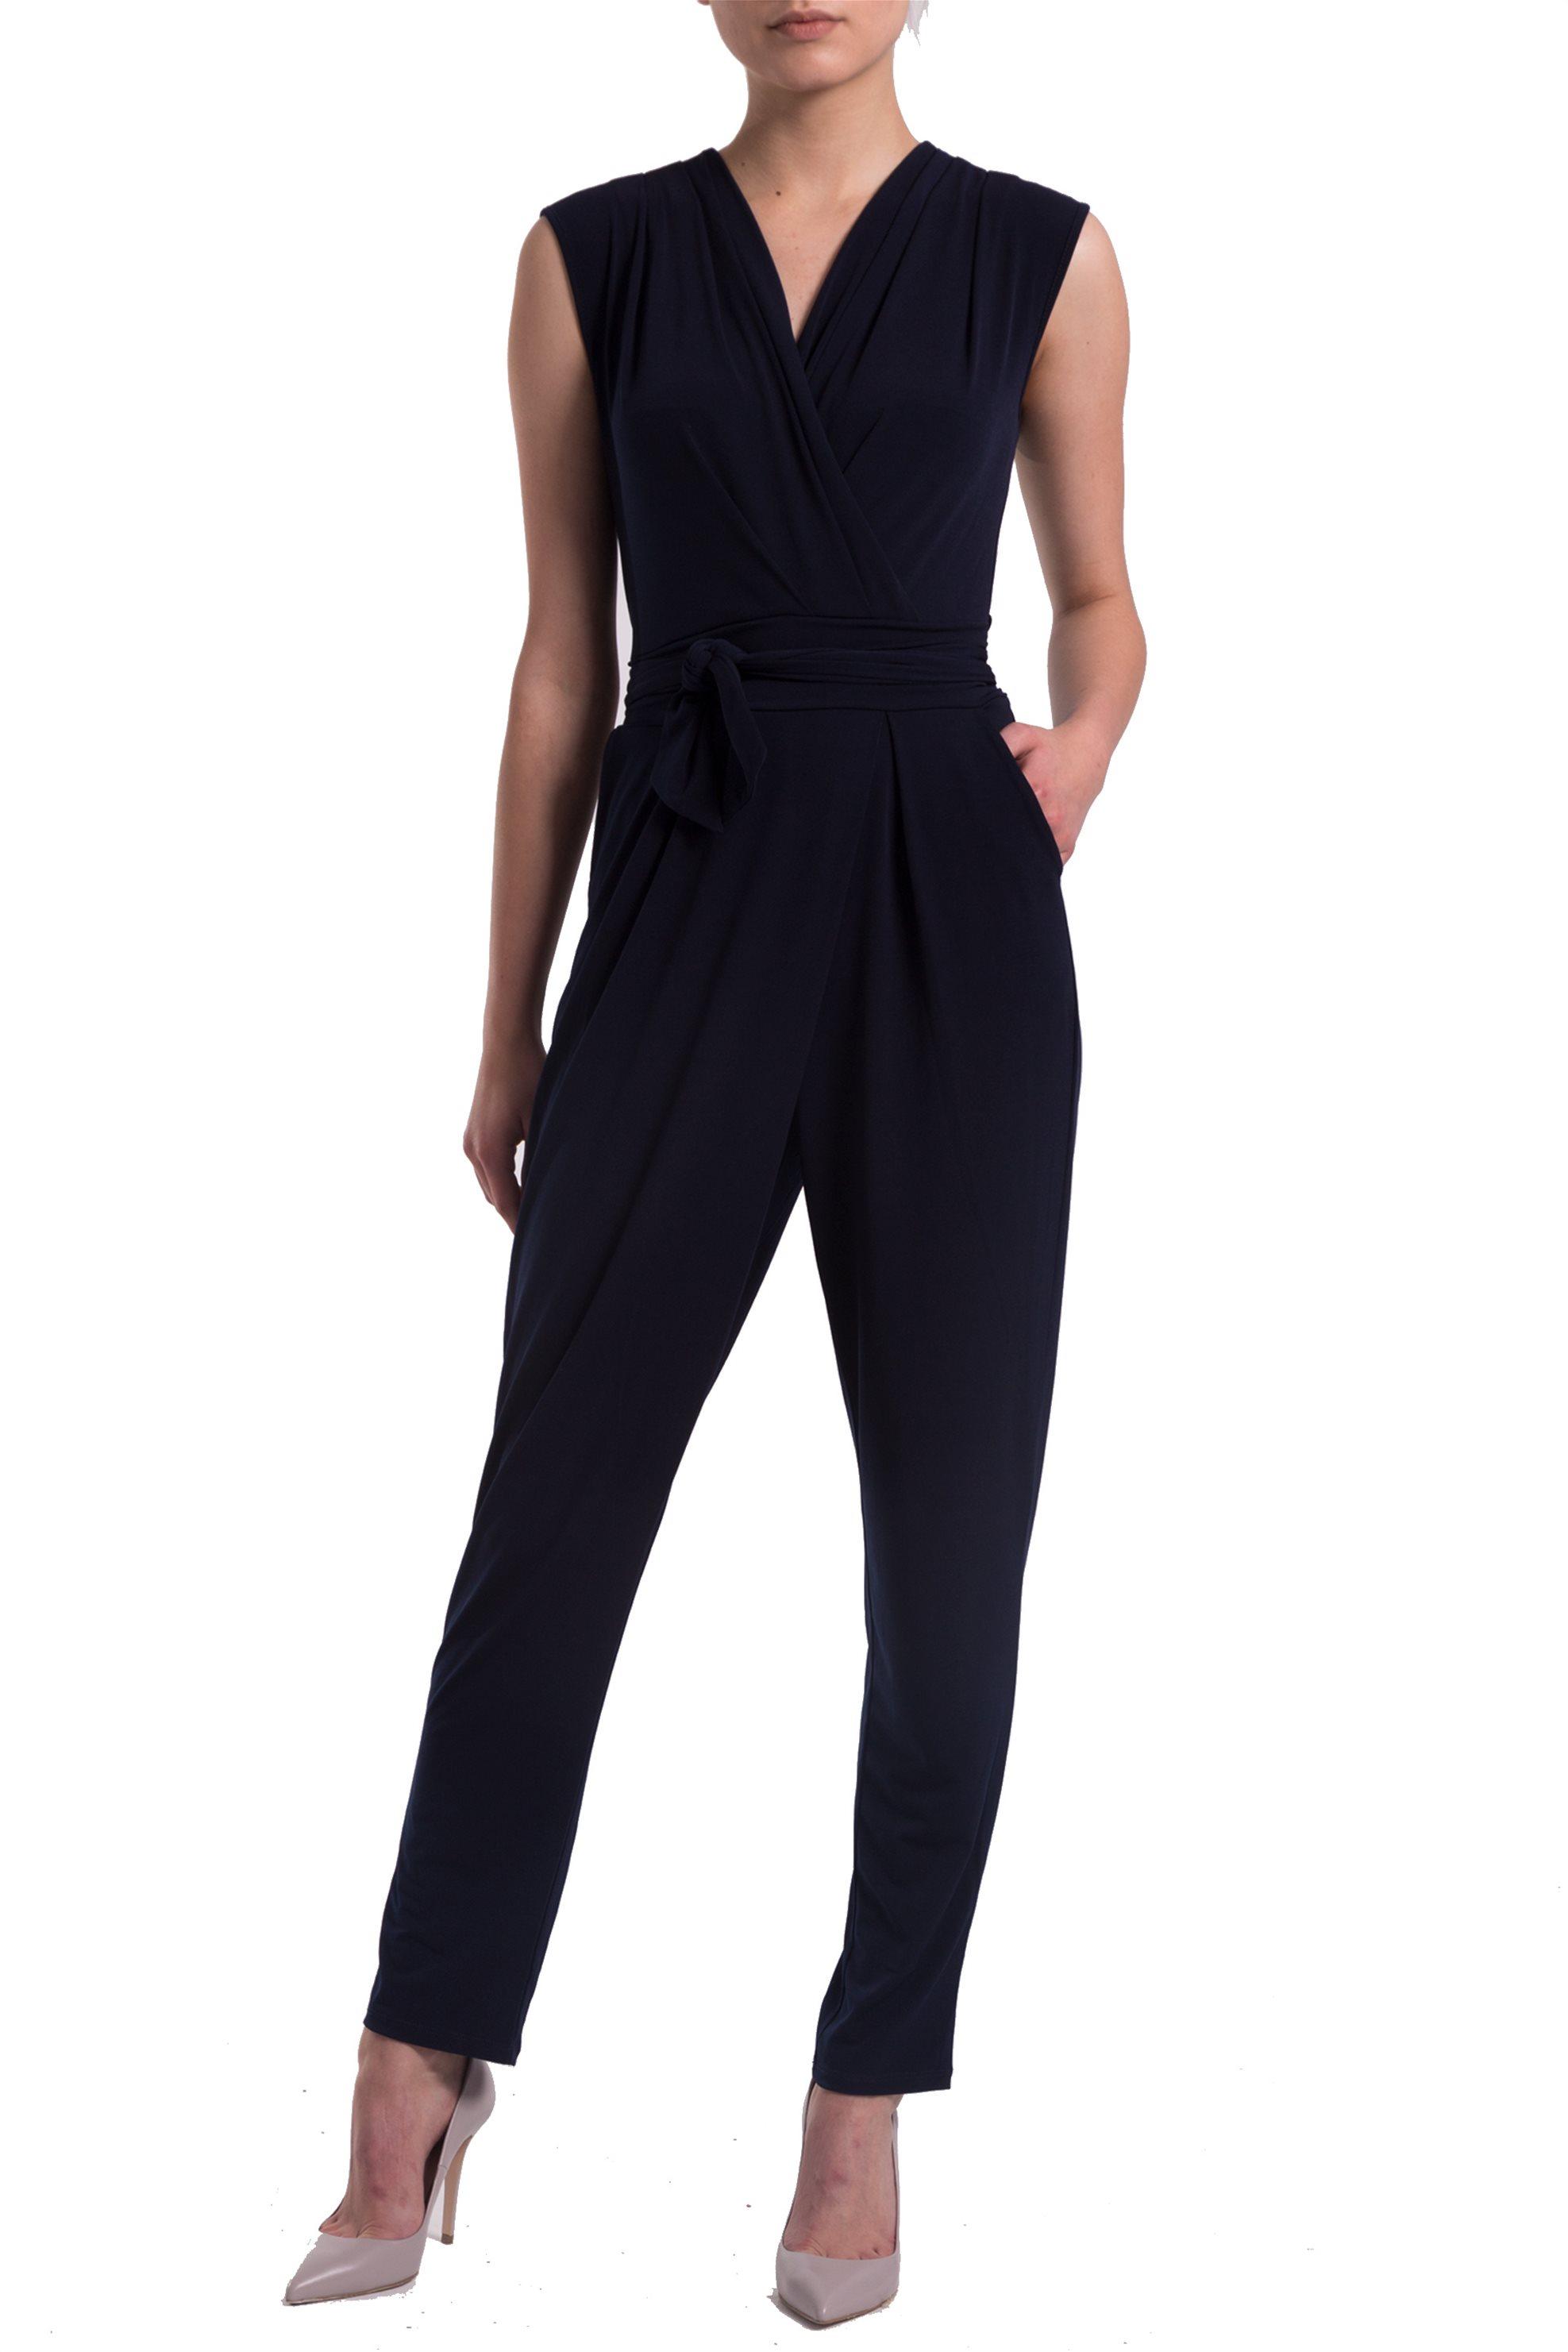 Γυναικεία ολόσωμη φόρμα Esprit - 997EO1L800 - Μπλε Σκούρο γυναικα   ρουχα   ολόσωμες φόρμες   σαλοπέτες